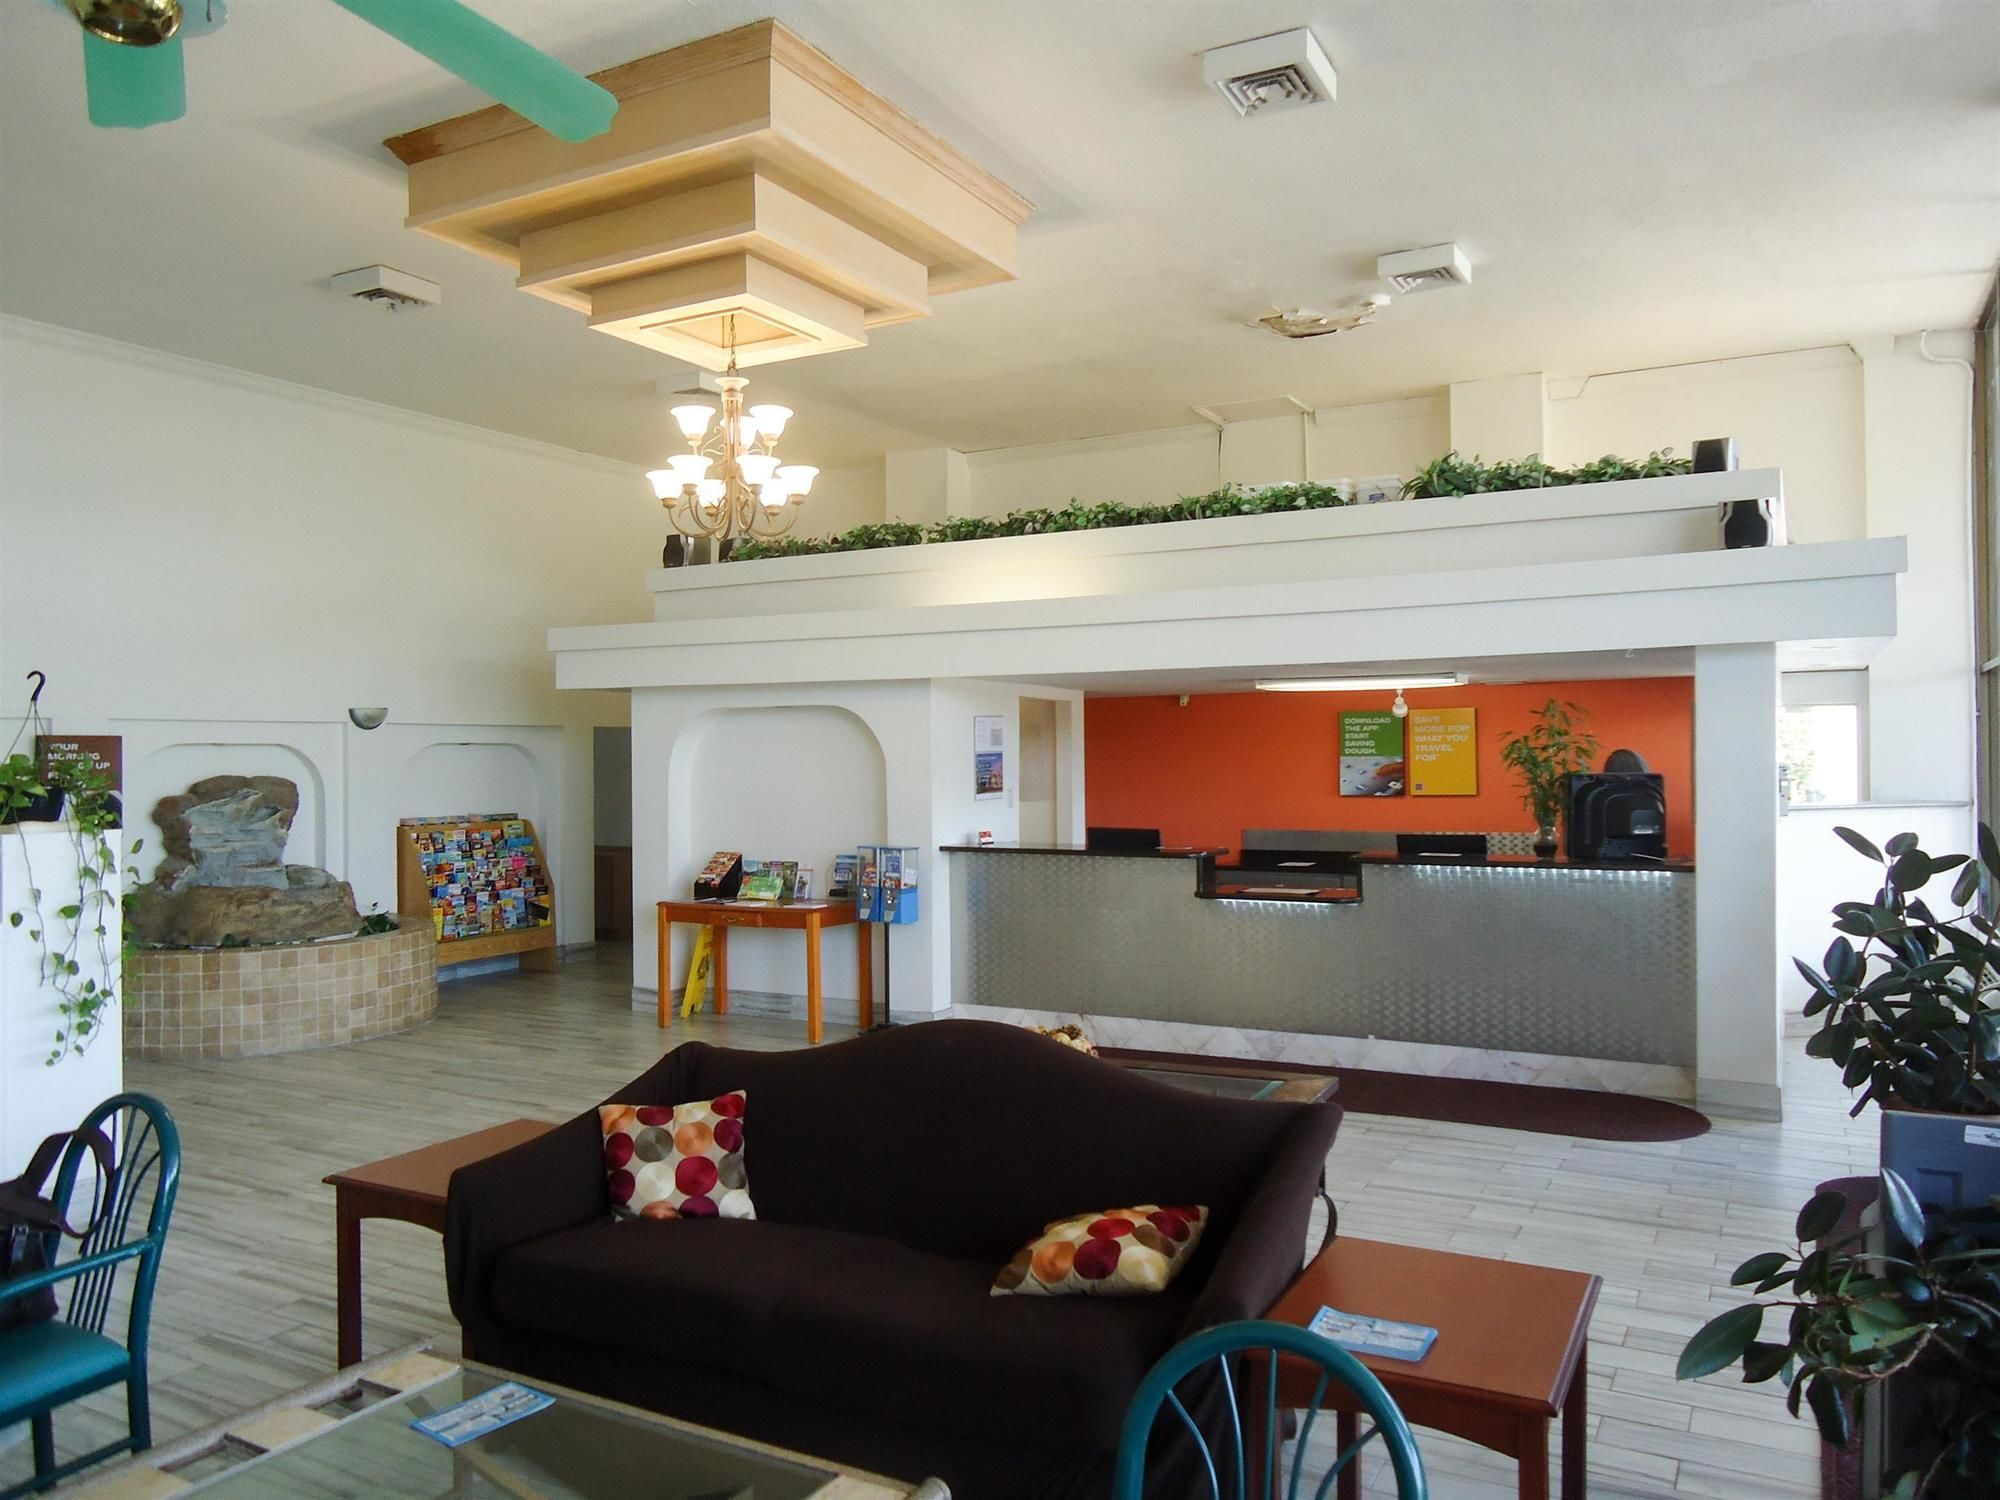 Motel 6 Daytona Beach in Daytona Beach, FL